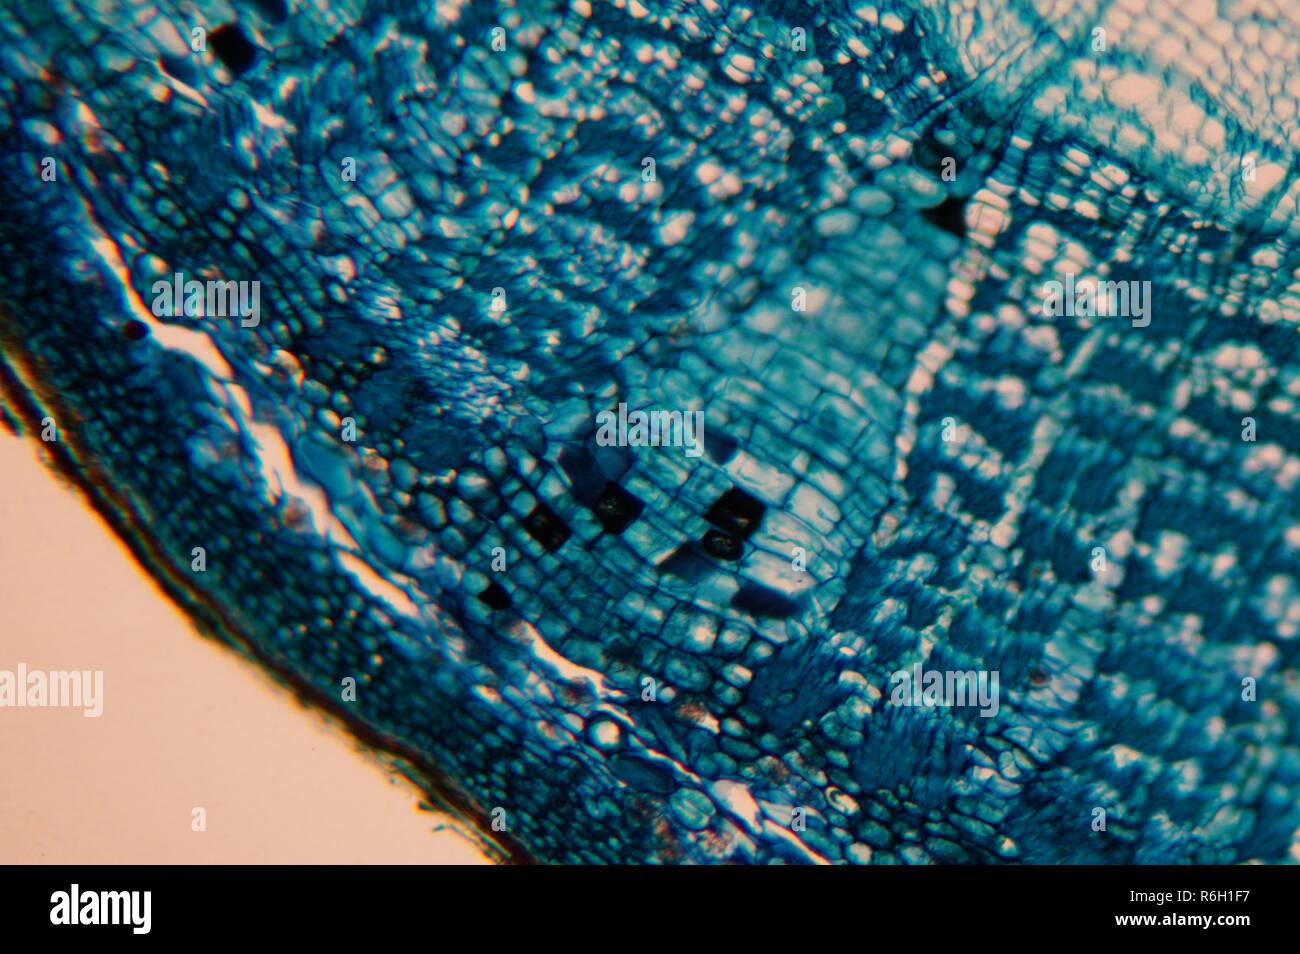 Cellula di un organismo vivente nel microscopio Immagini Stock